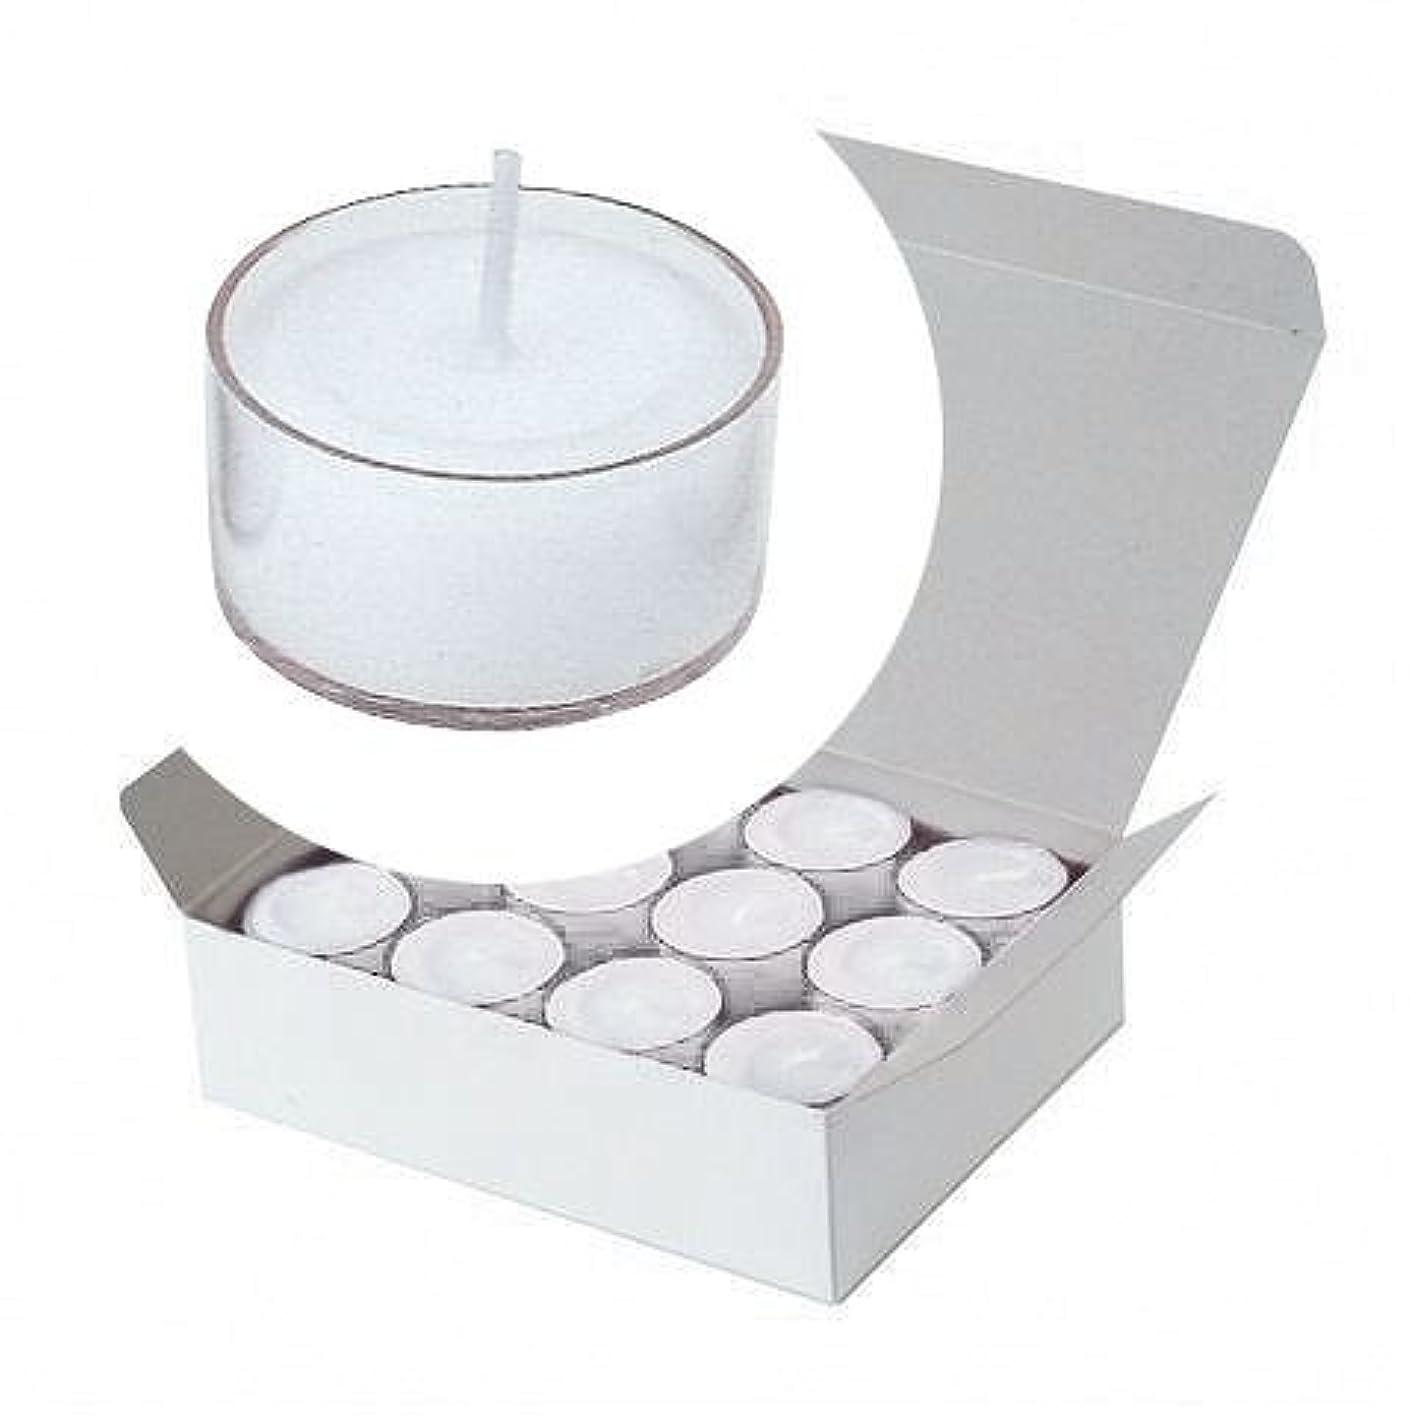 カメヤマキャンドル(kameyama candle) クリアカップティーライト24個入り 「 クリア 」